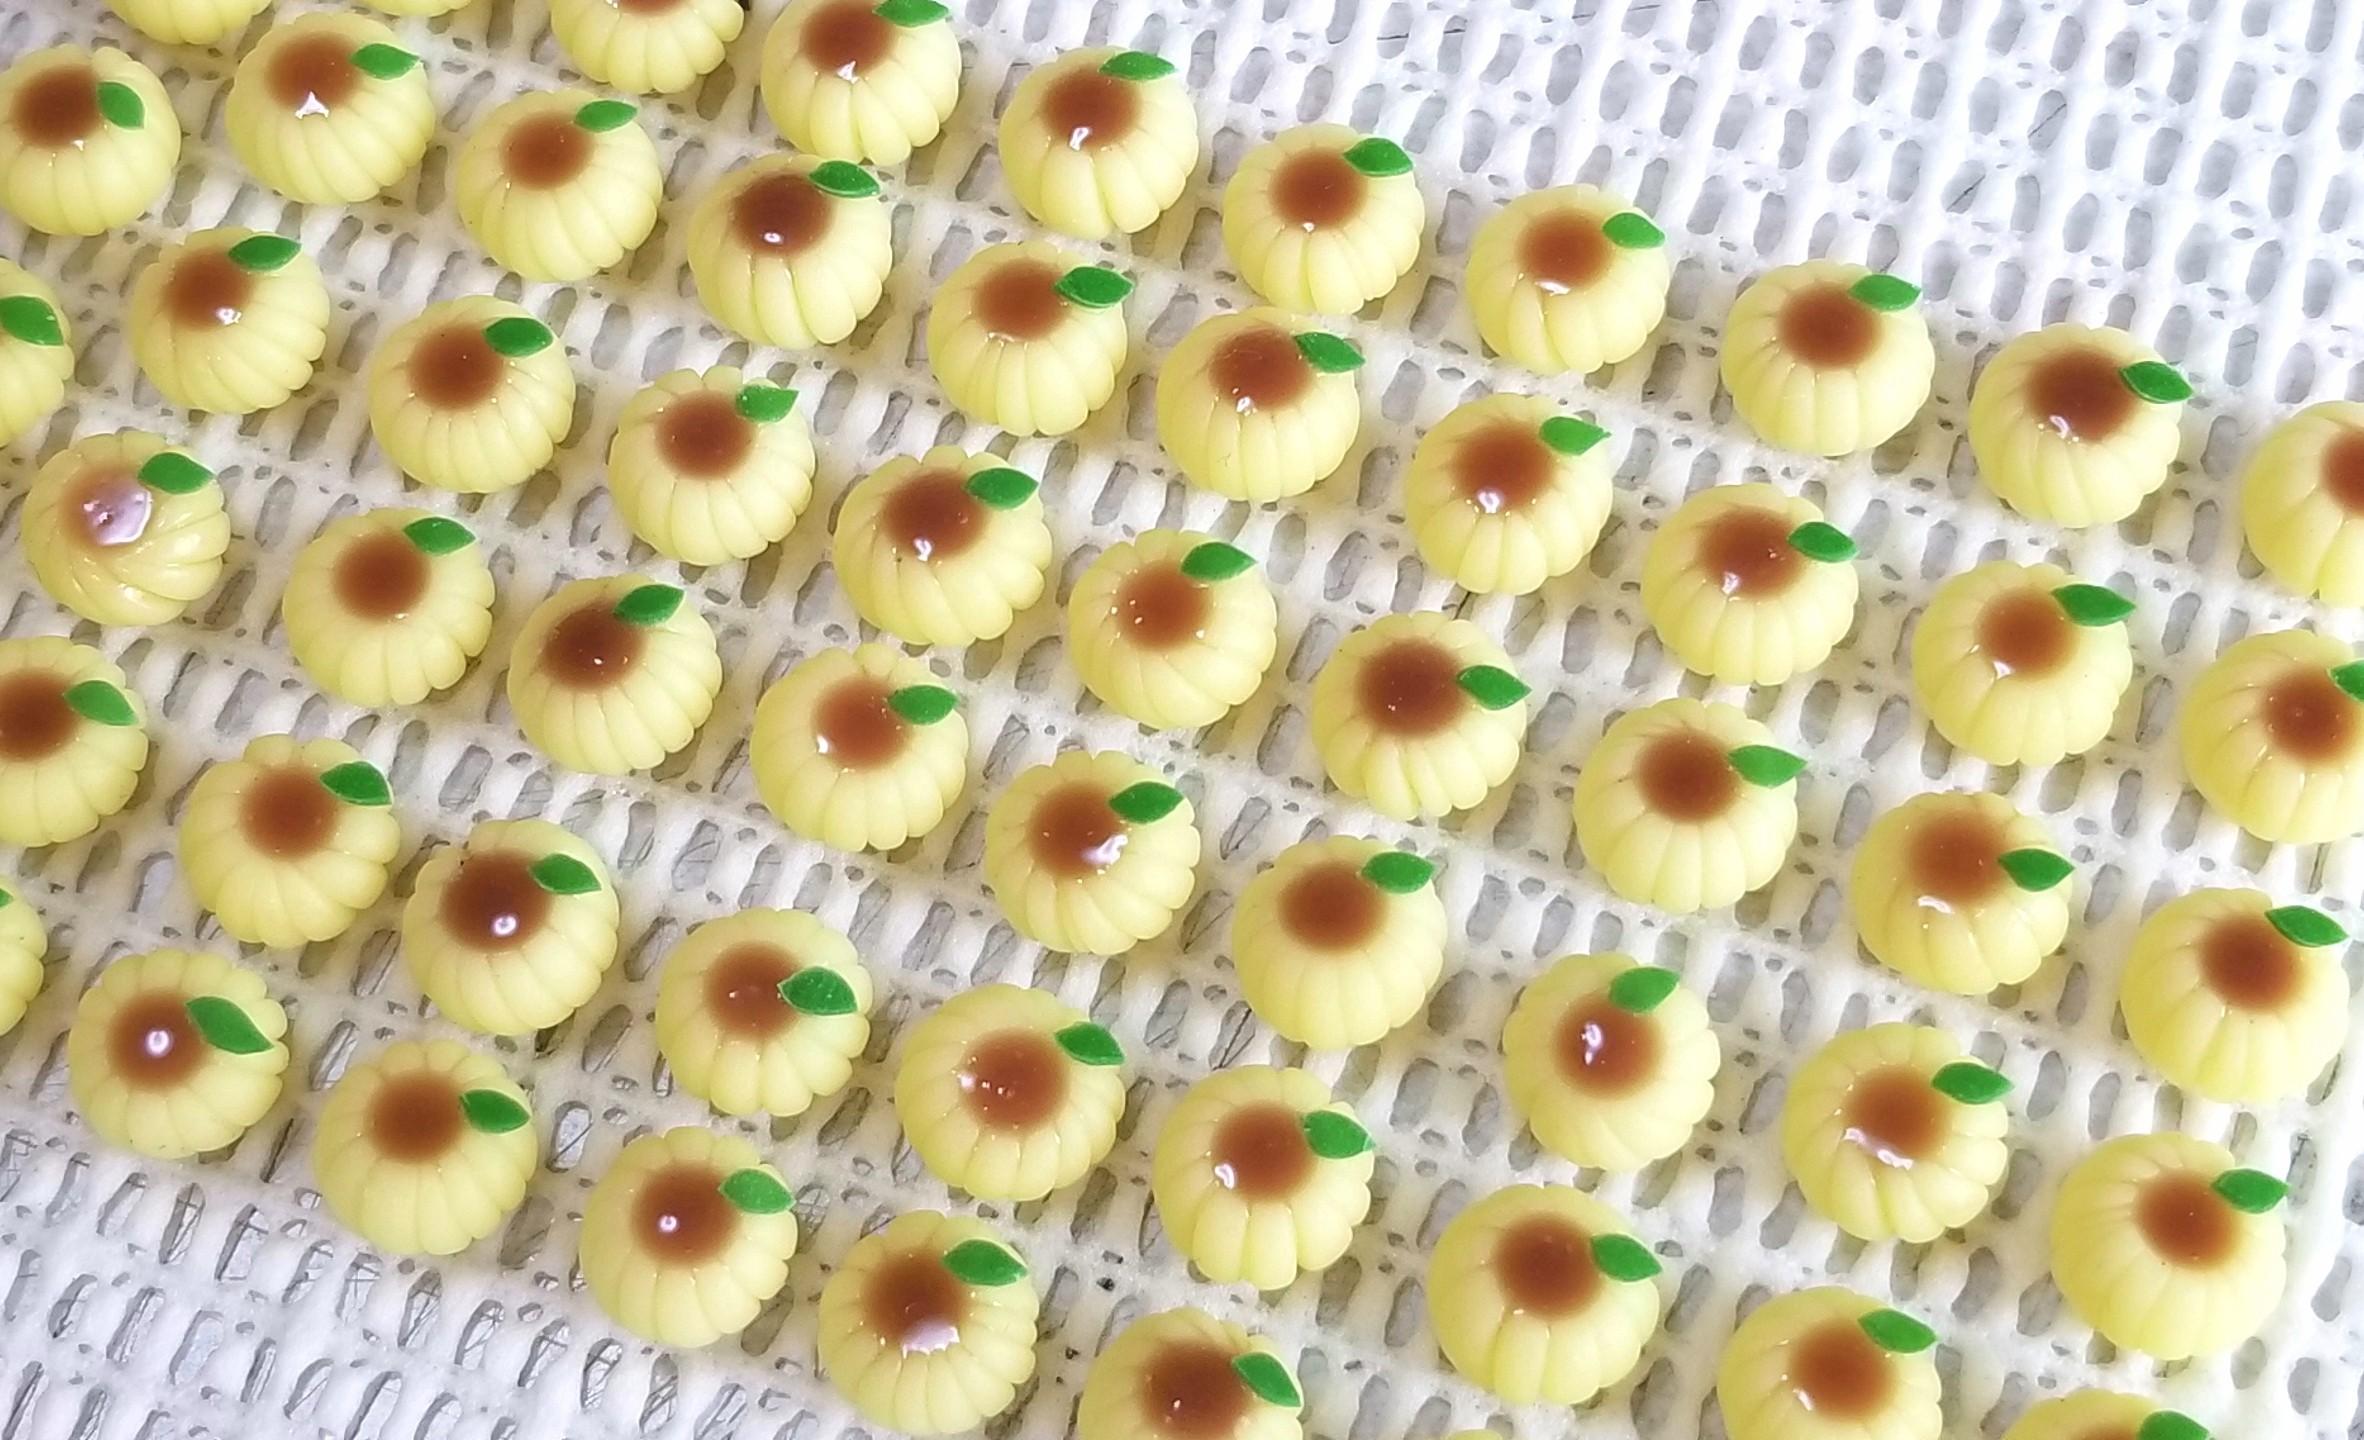 ミニチュアフード,ひまわり,和菓子,練りきり,樹脂粘土,プーリップ系